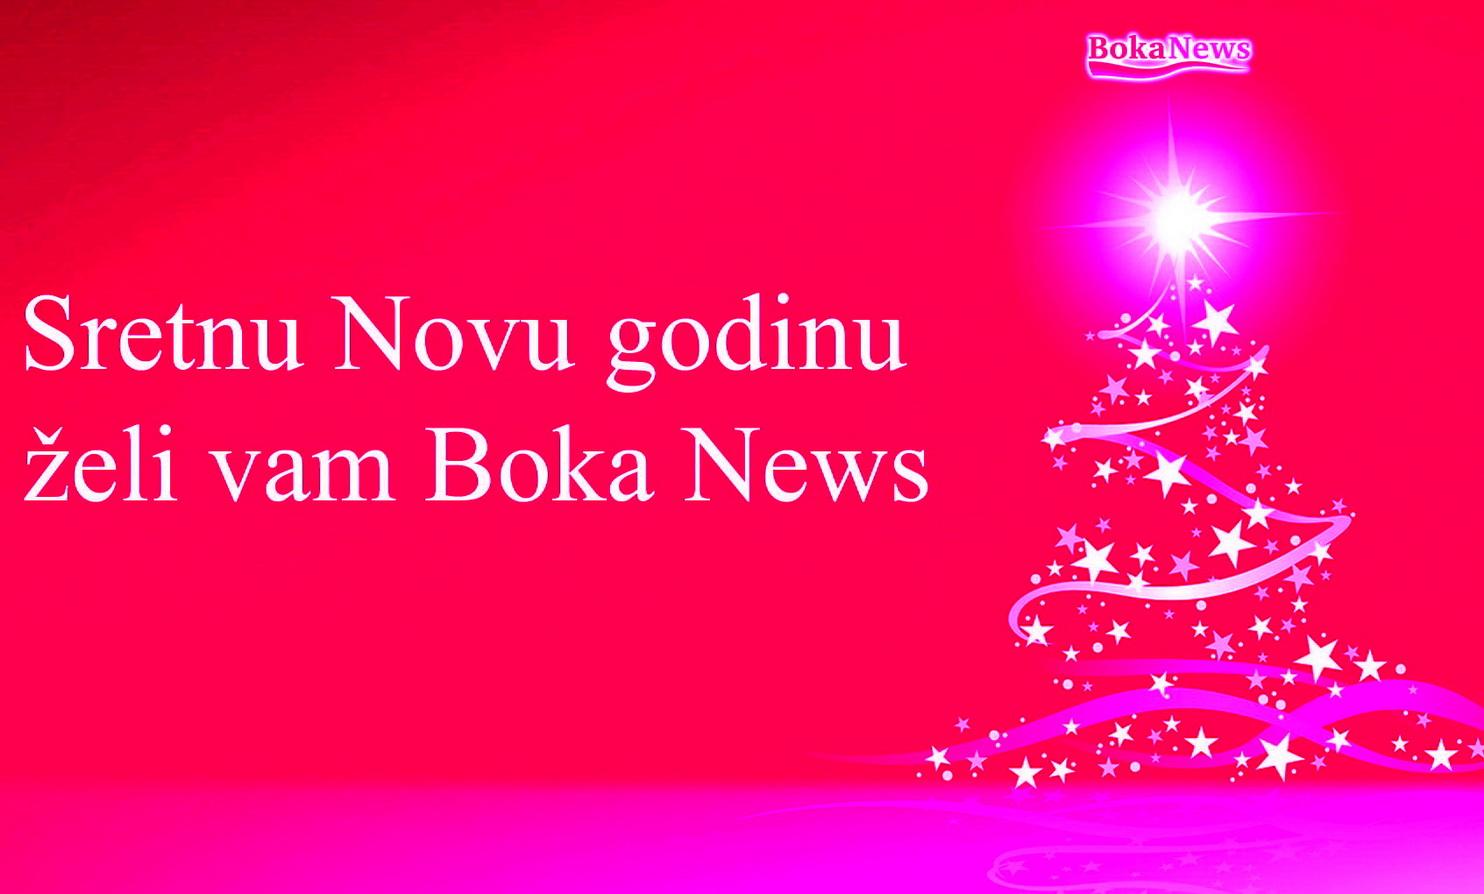 sretna-nova-godina-boka-news-2017